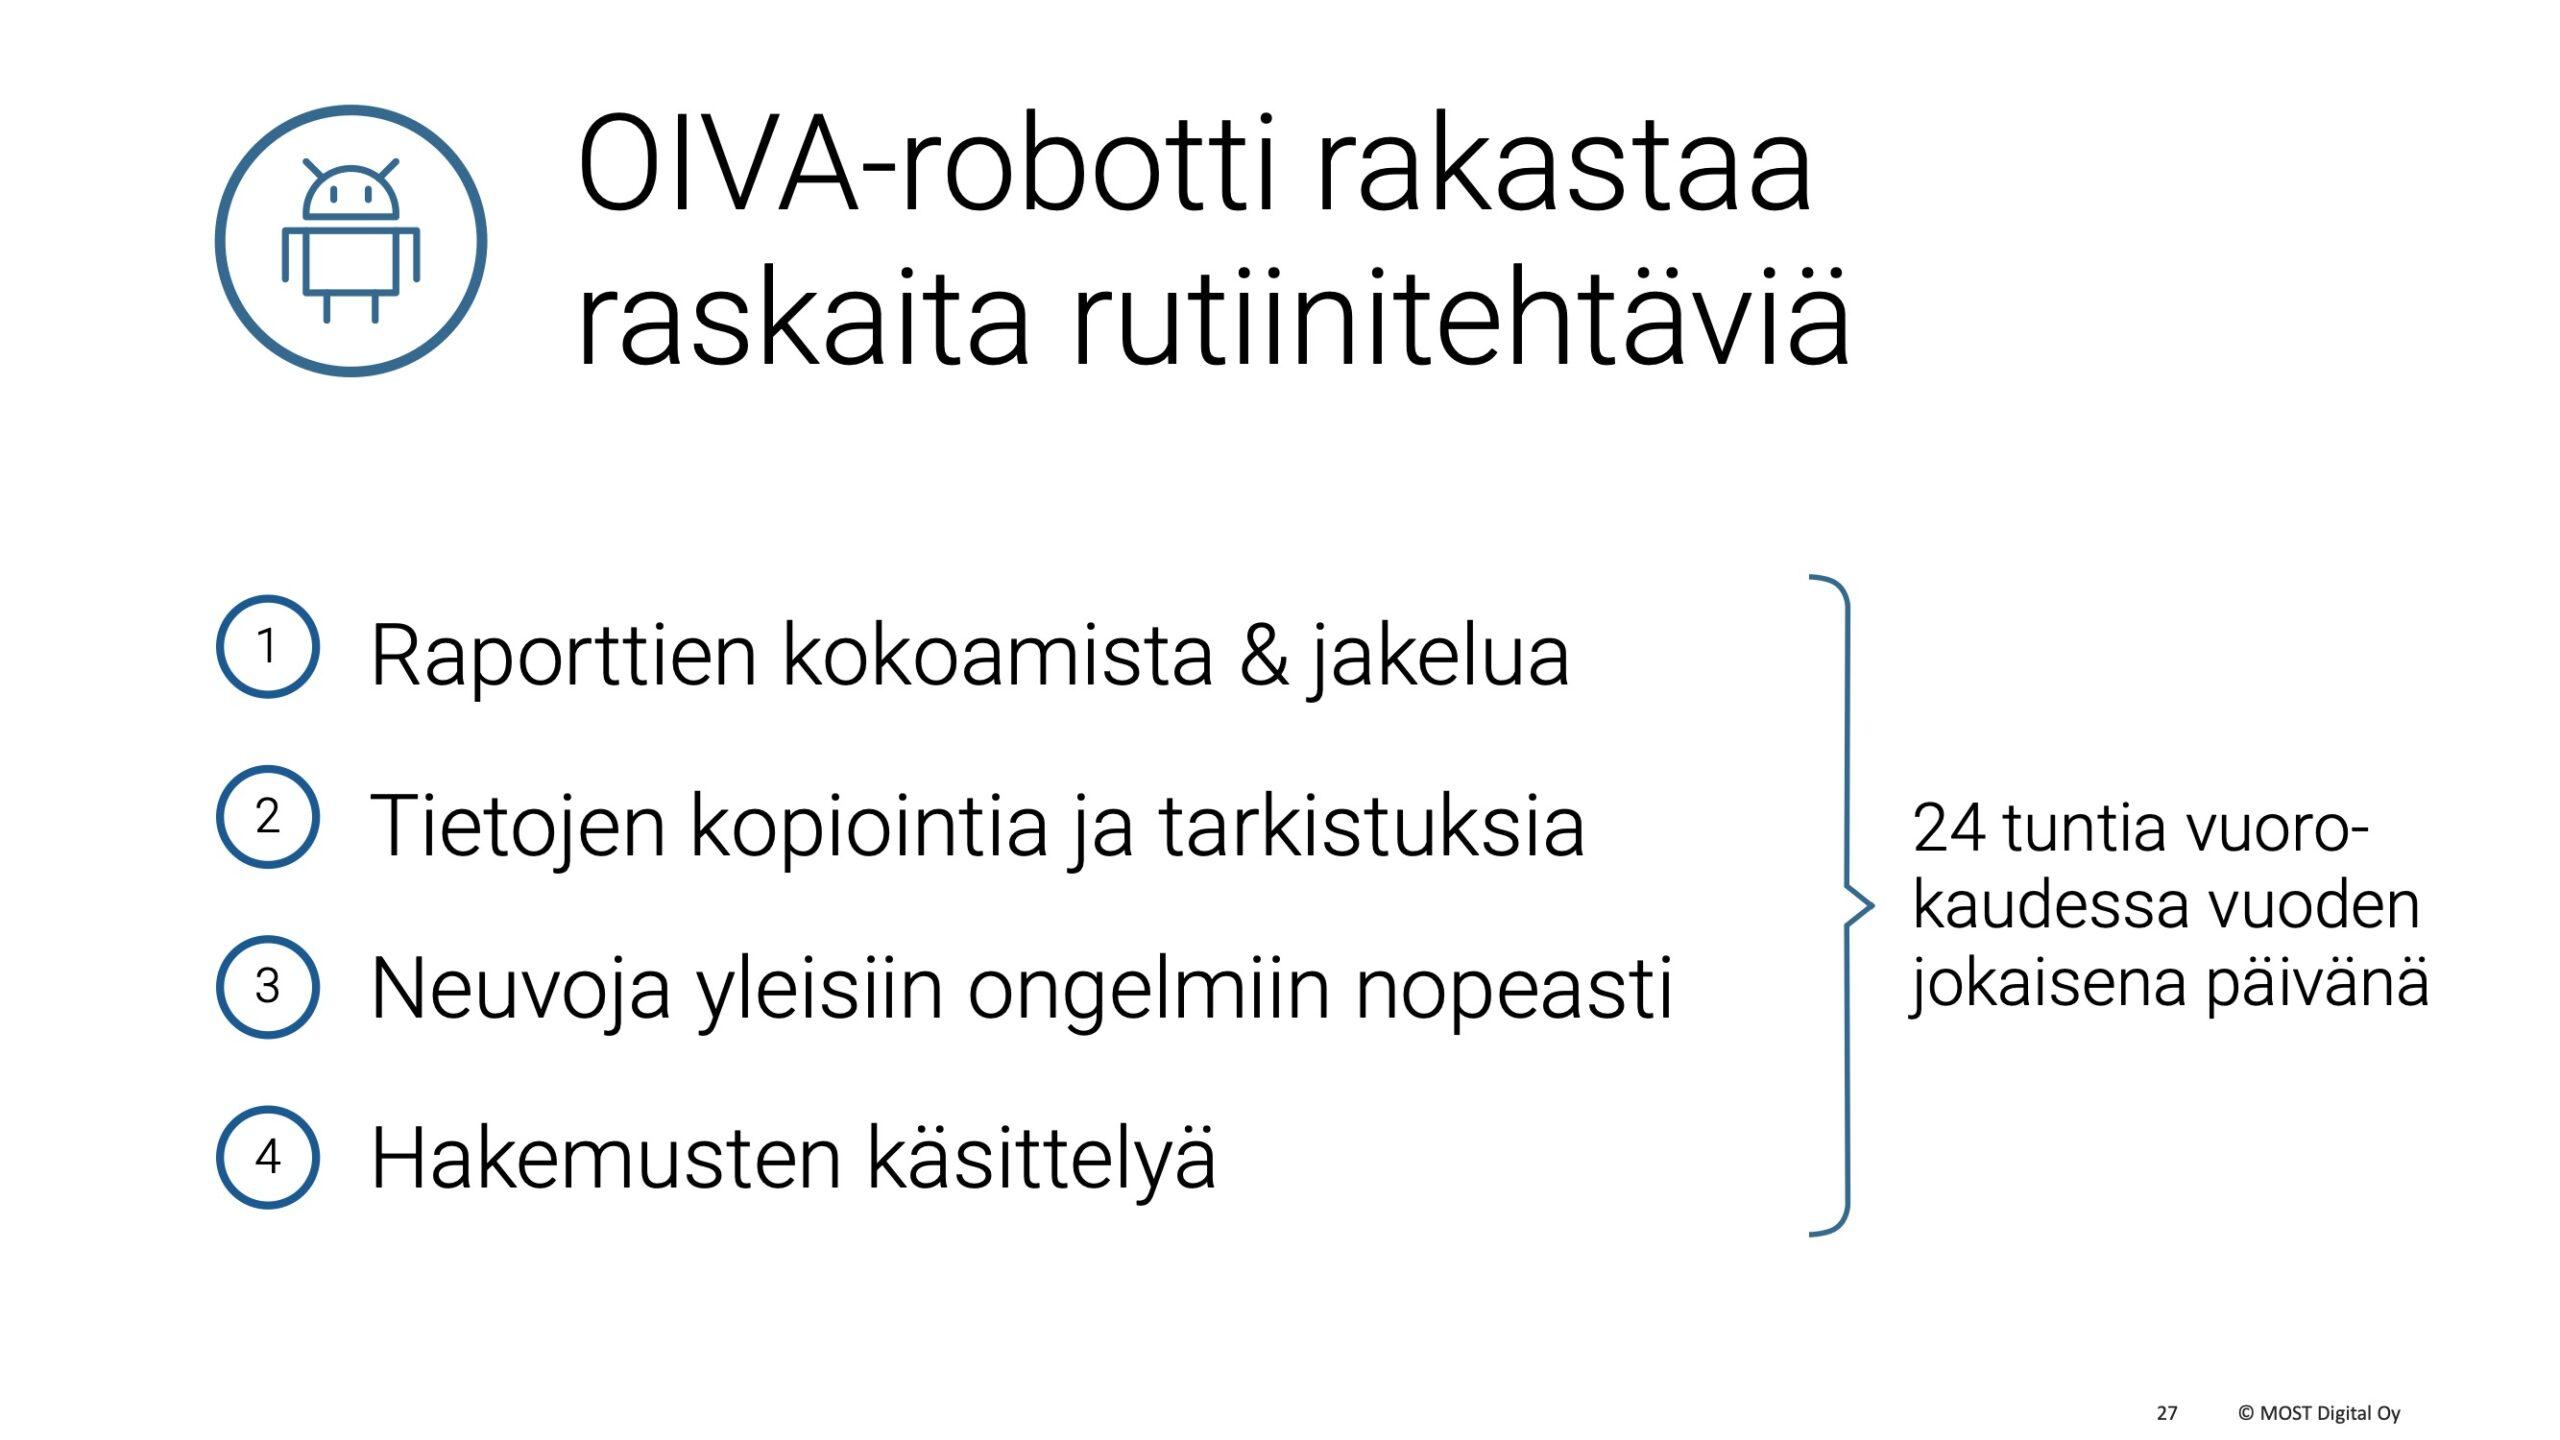 OIVA-ohjelmistorobotti, MYYNTIESITYS, osa 2, sivu 10: OIVA-robotti rakastaa toimiston tyyppillisiä tylsiä rutiinitehtäviä. Se sitä paitsi rakastaa niitä 24 tuntia vuorokaudessa vuoden jokaisena päivänä.